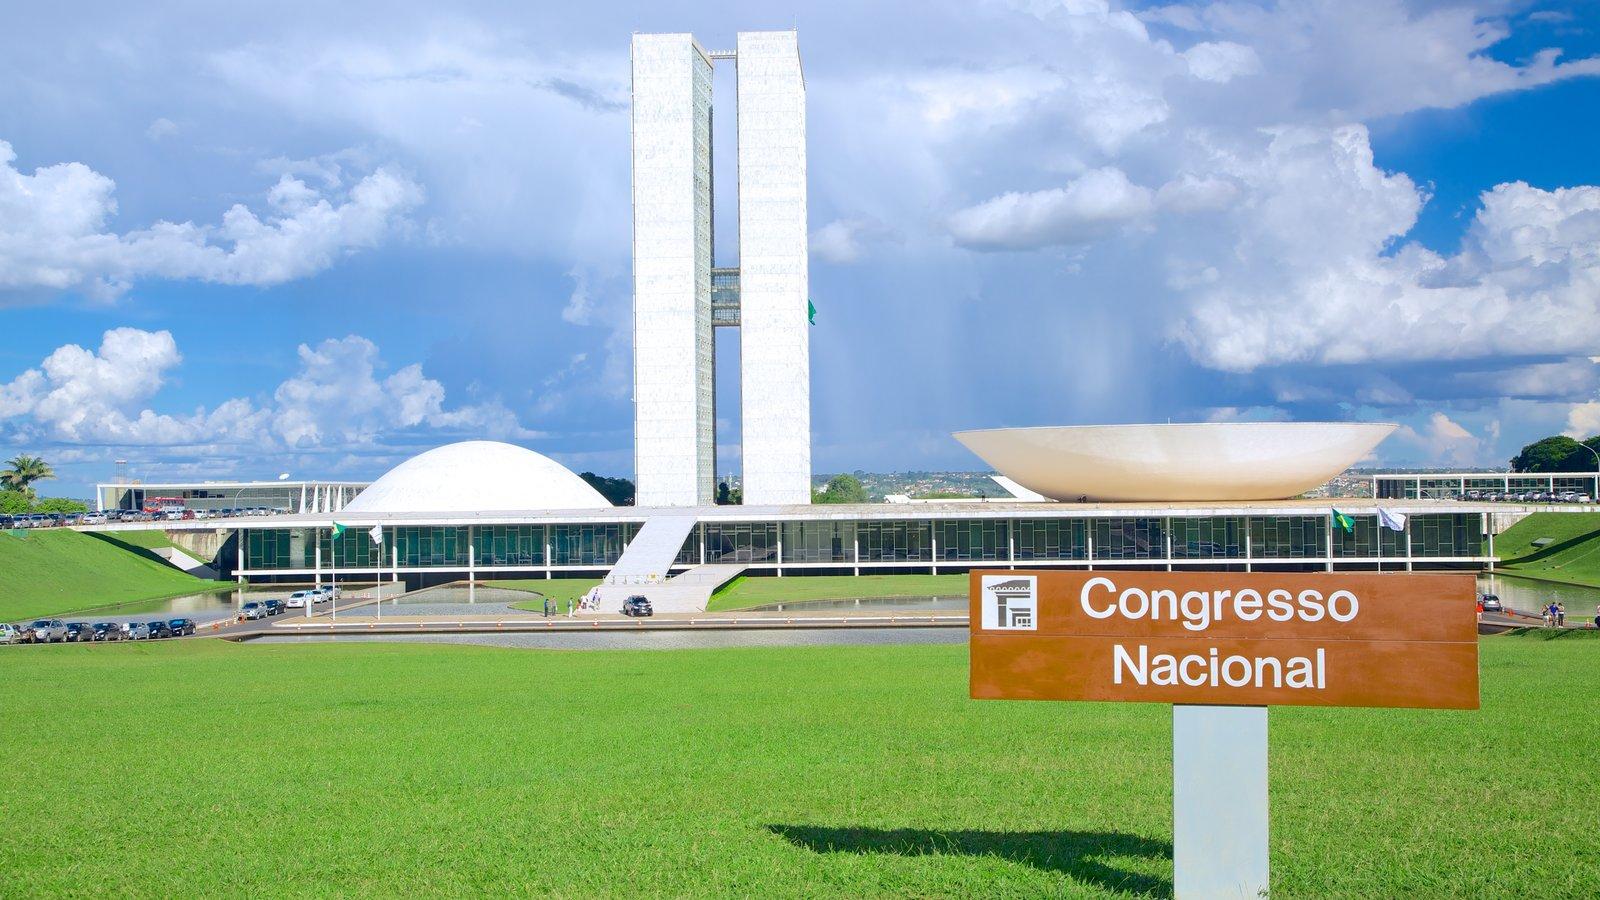 Congresso Nacional do Brasil caracterizando sinalização e arquitetura moderna